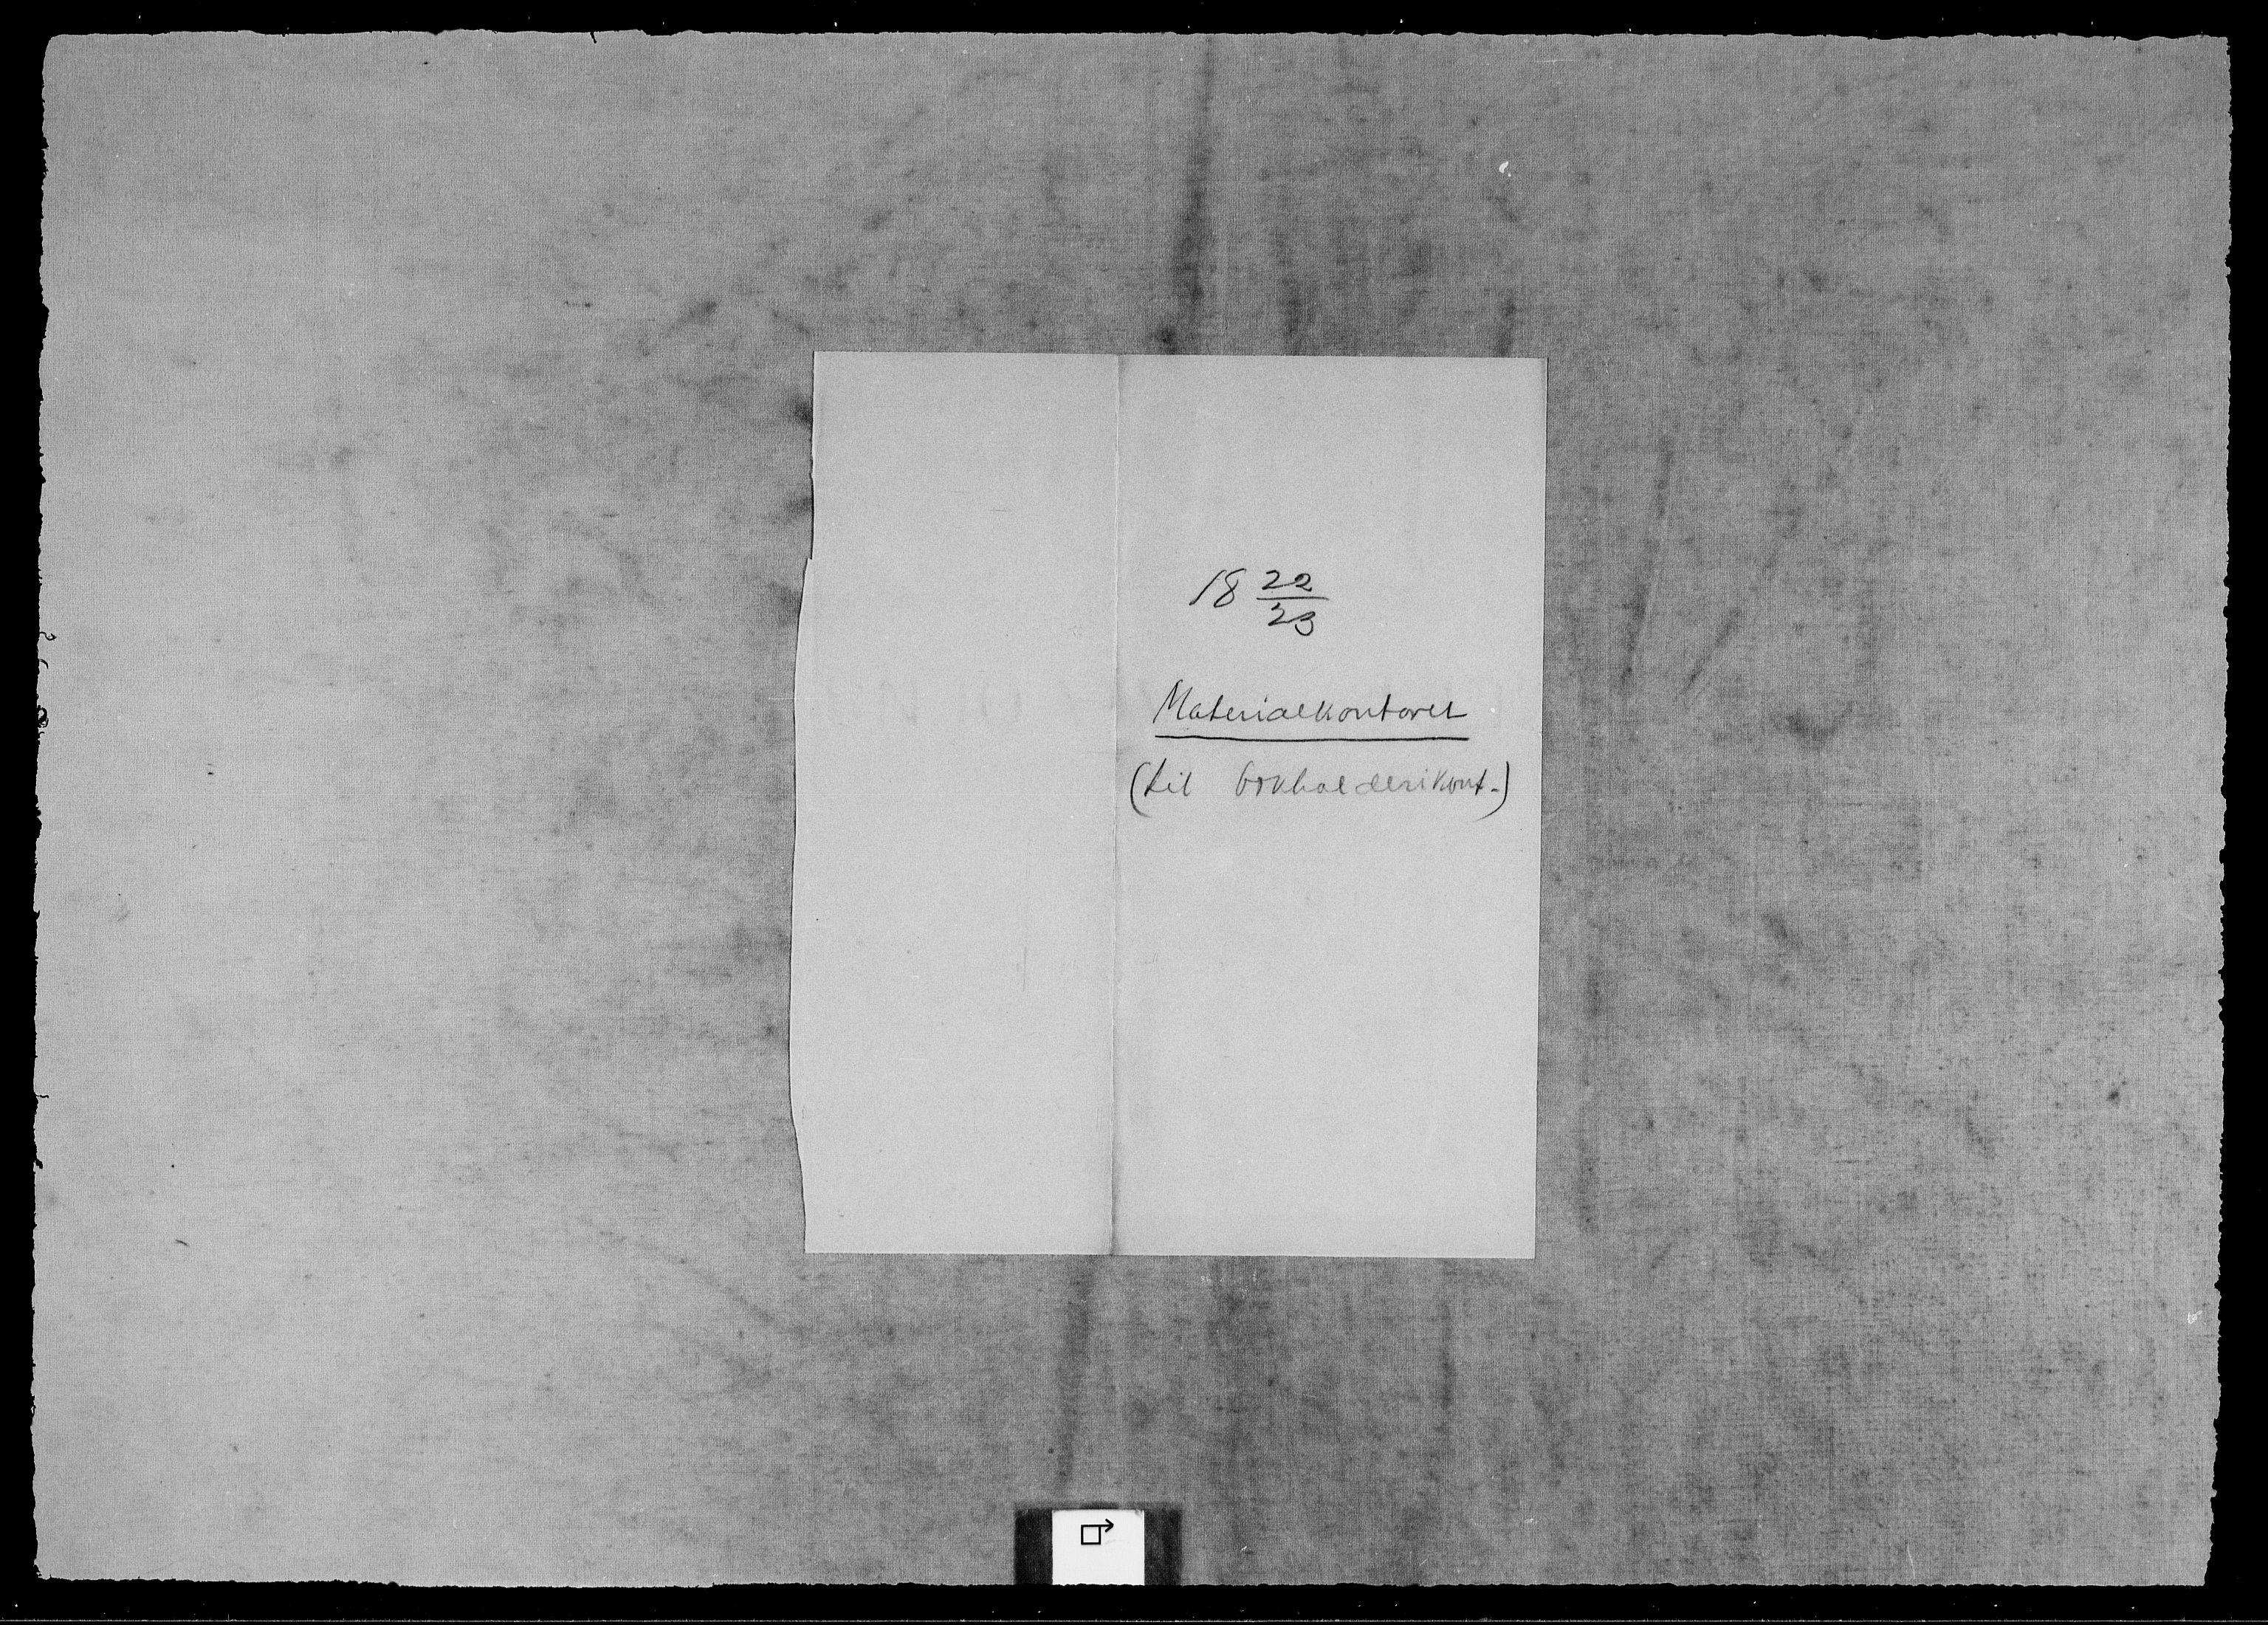 RA, Modums Blaafarveværk, G/Gb/L0136, 1822-1826, s. 2